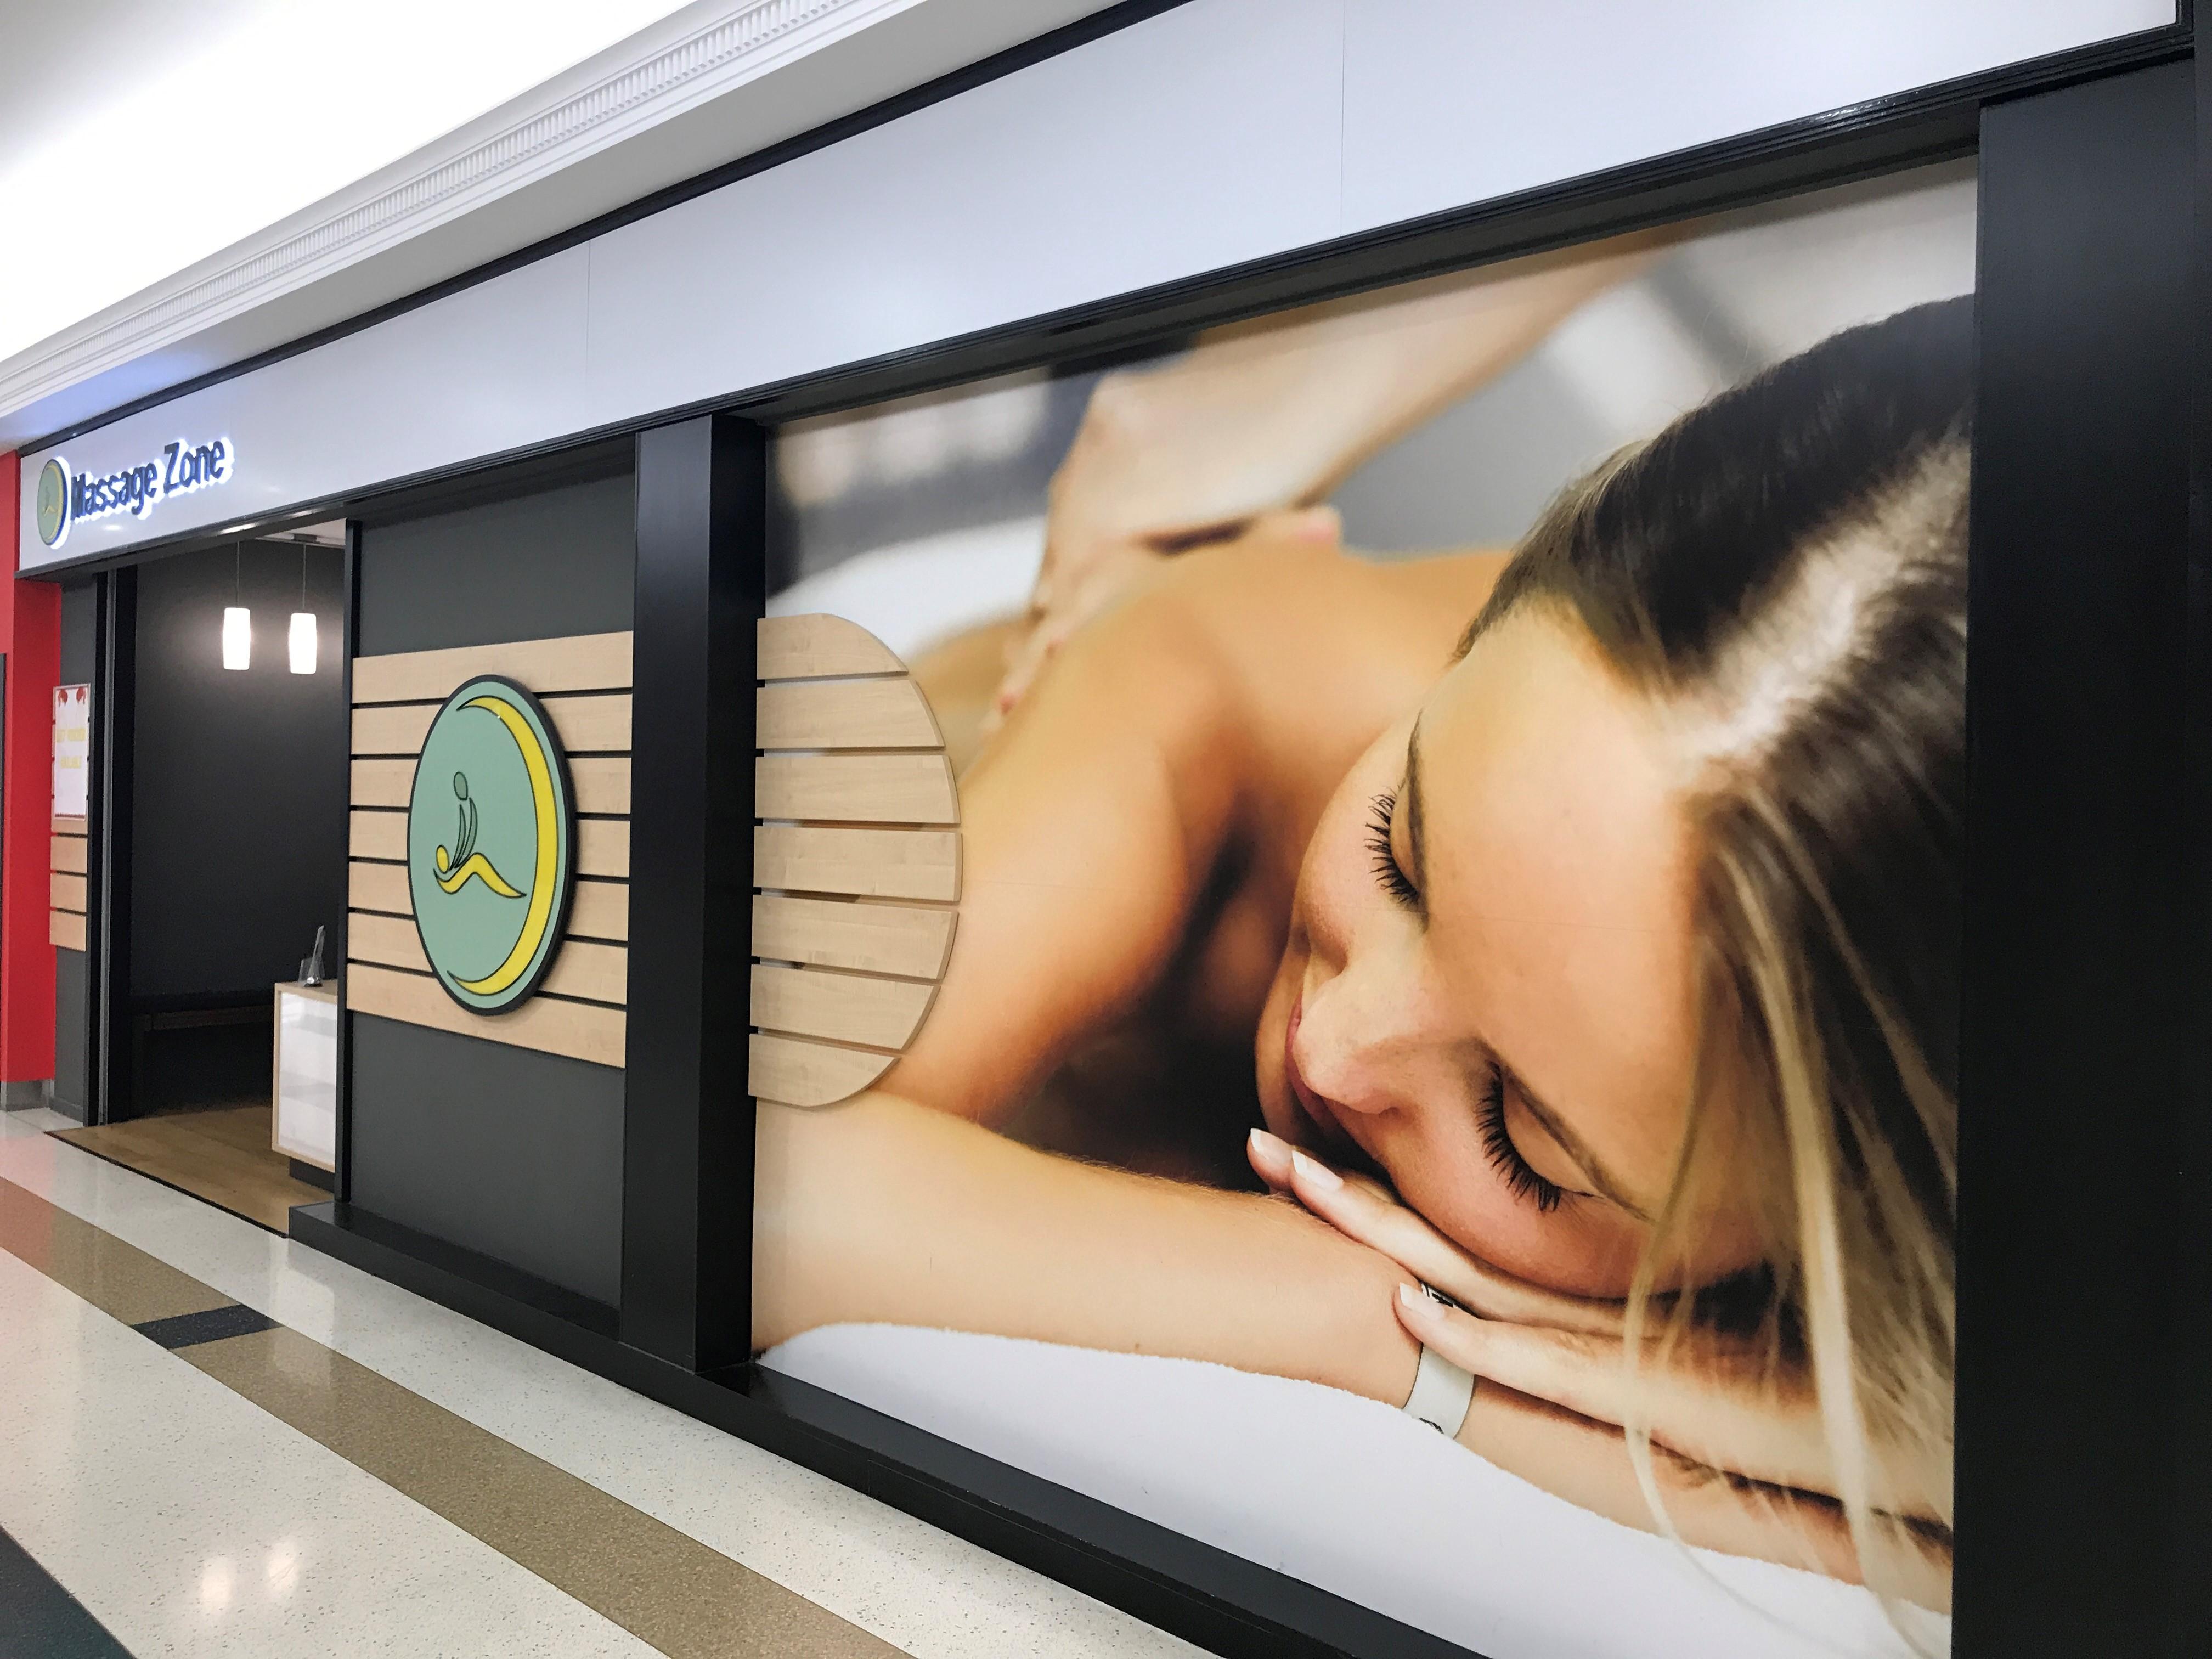 massagezonenew3